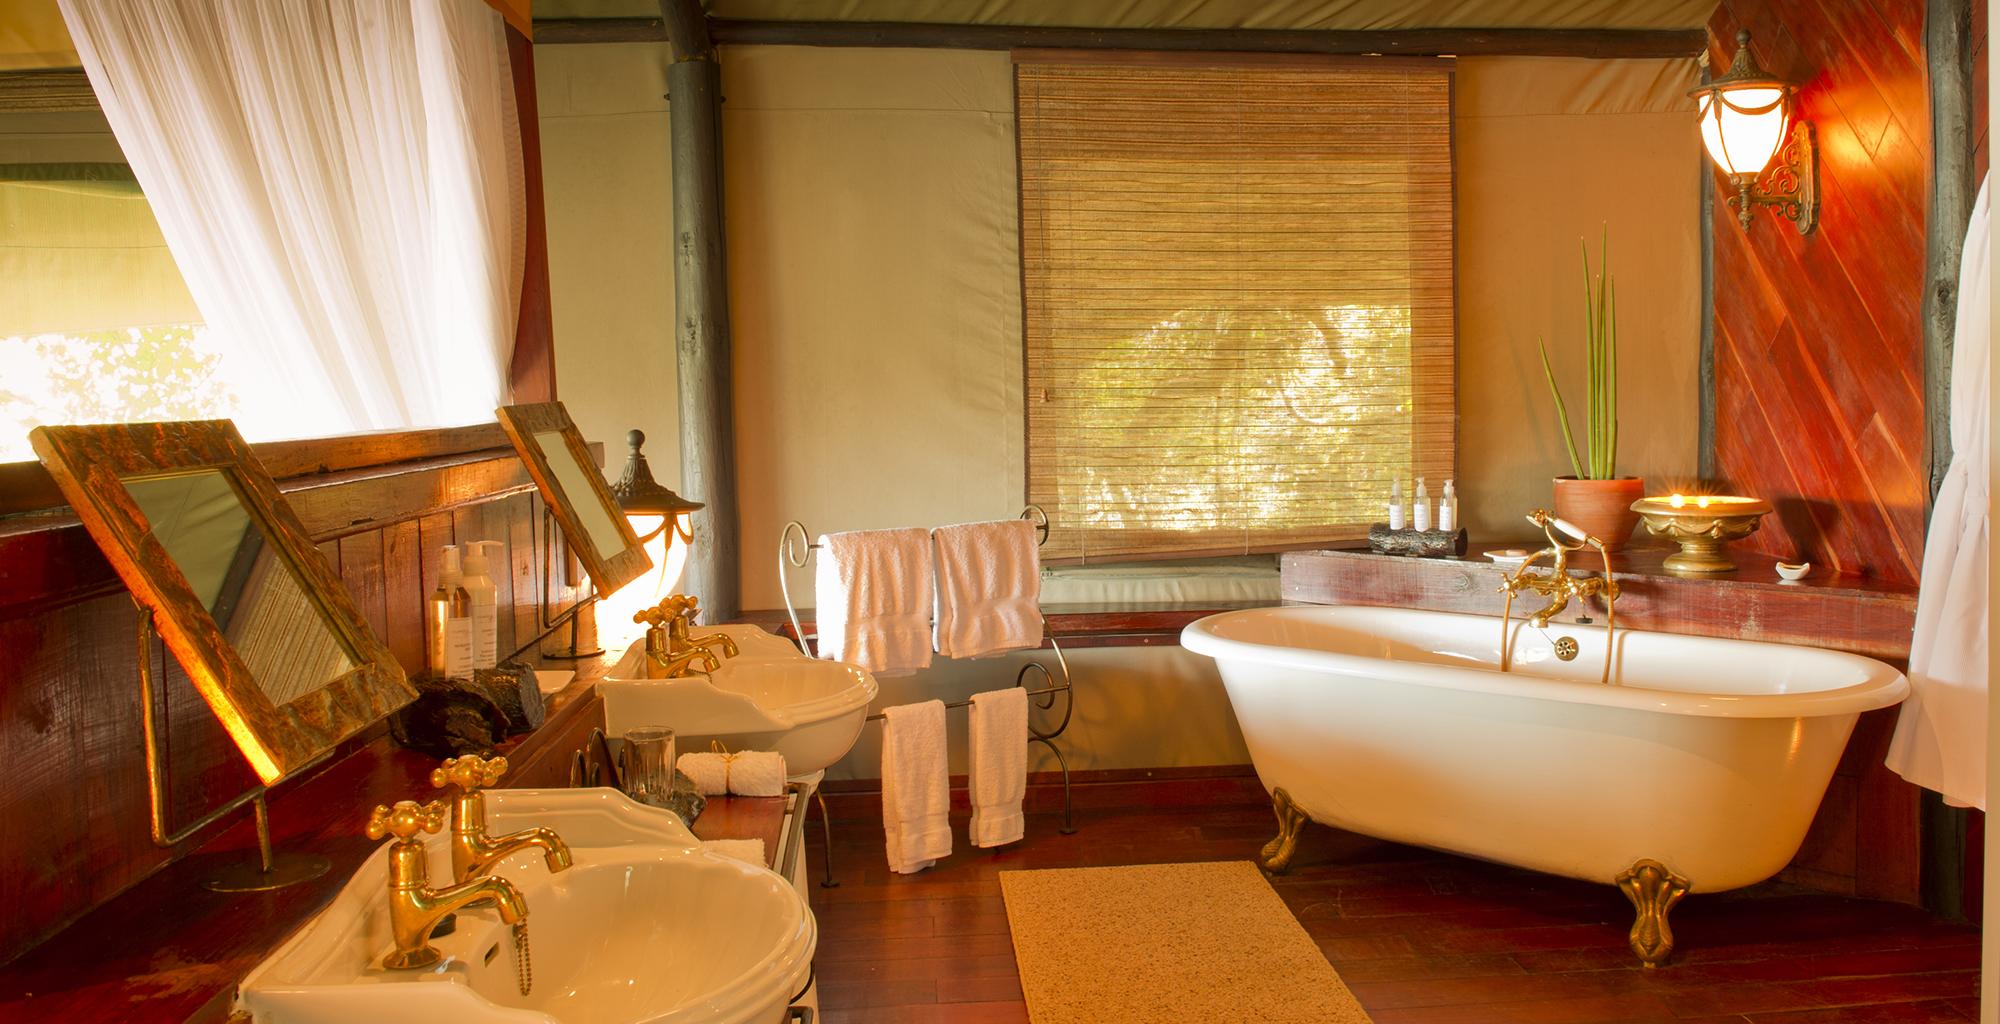 Zambia-Islands-of-Siankaba-Bathroom